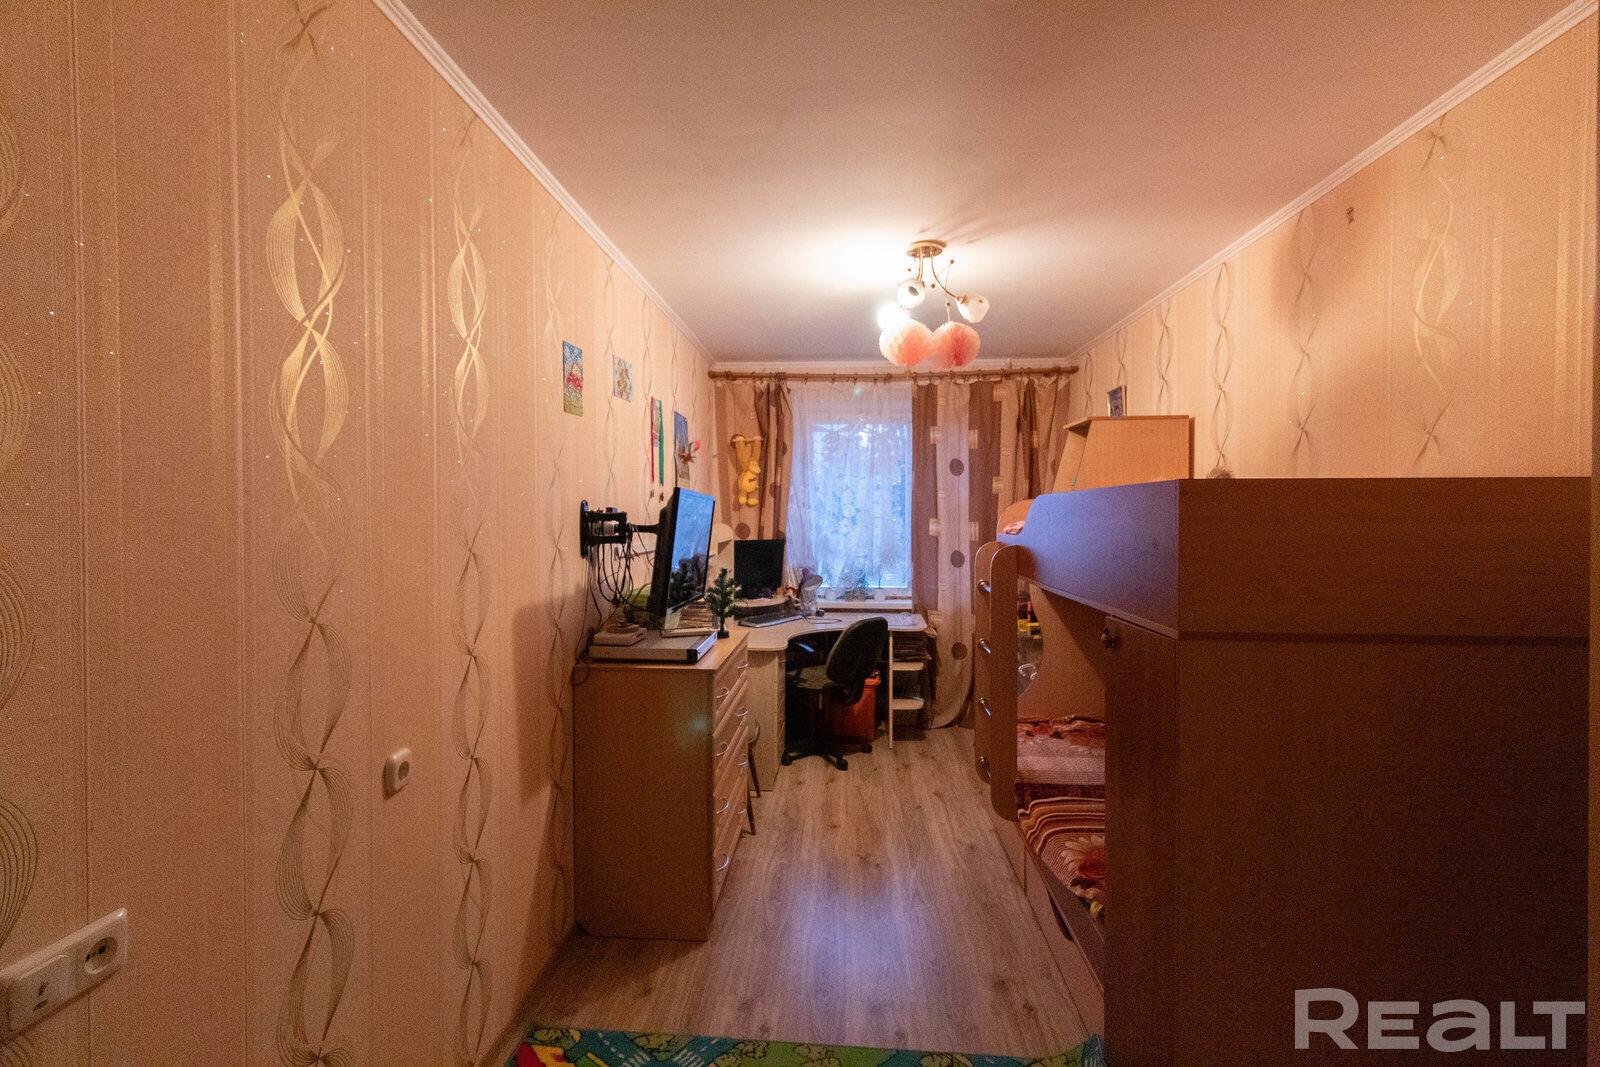 Продажа 3-х комнатной квартиры, г. Минск, ул. Берестянская, дом 11 (р-н Гикало, Золотая Горка). Цена 161 017 руб